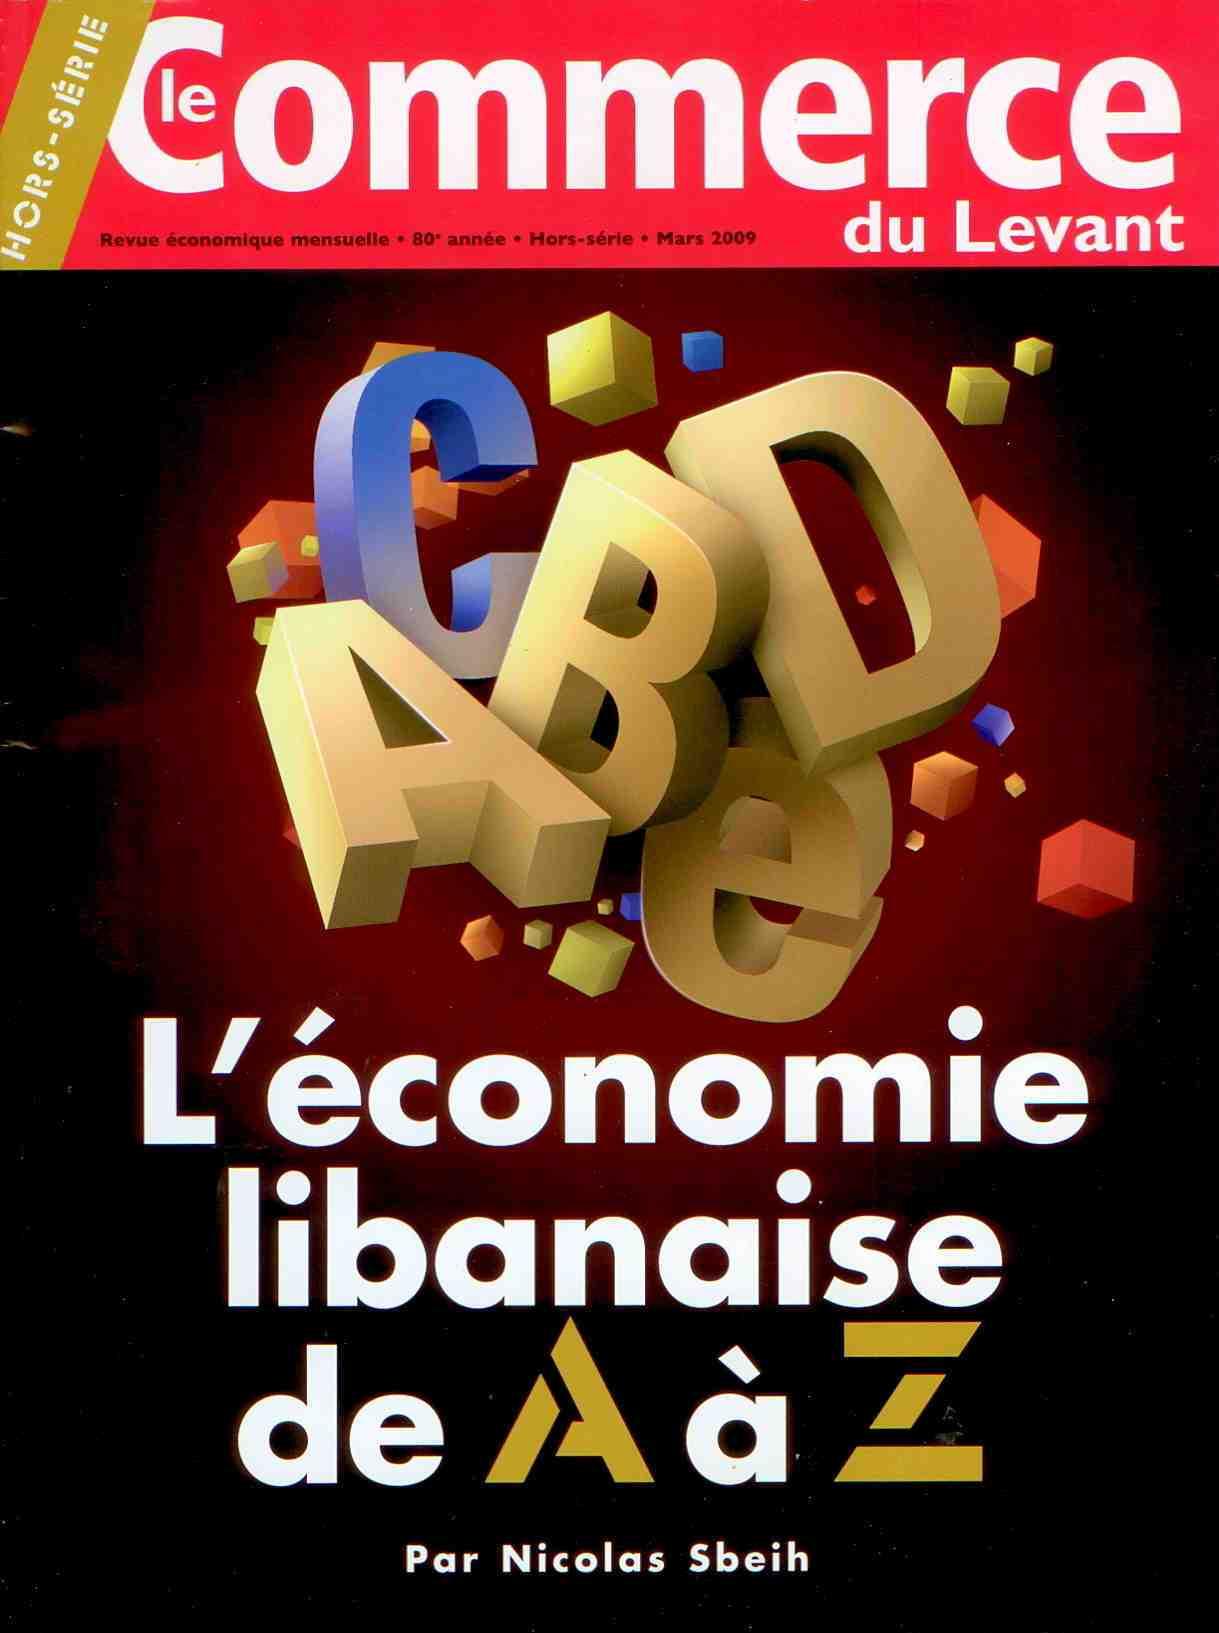 Le commerce du levant hors-série mars 2009: l'economie libanaise de a a z